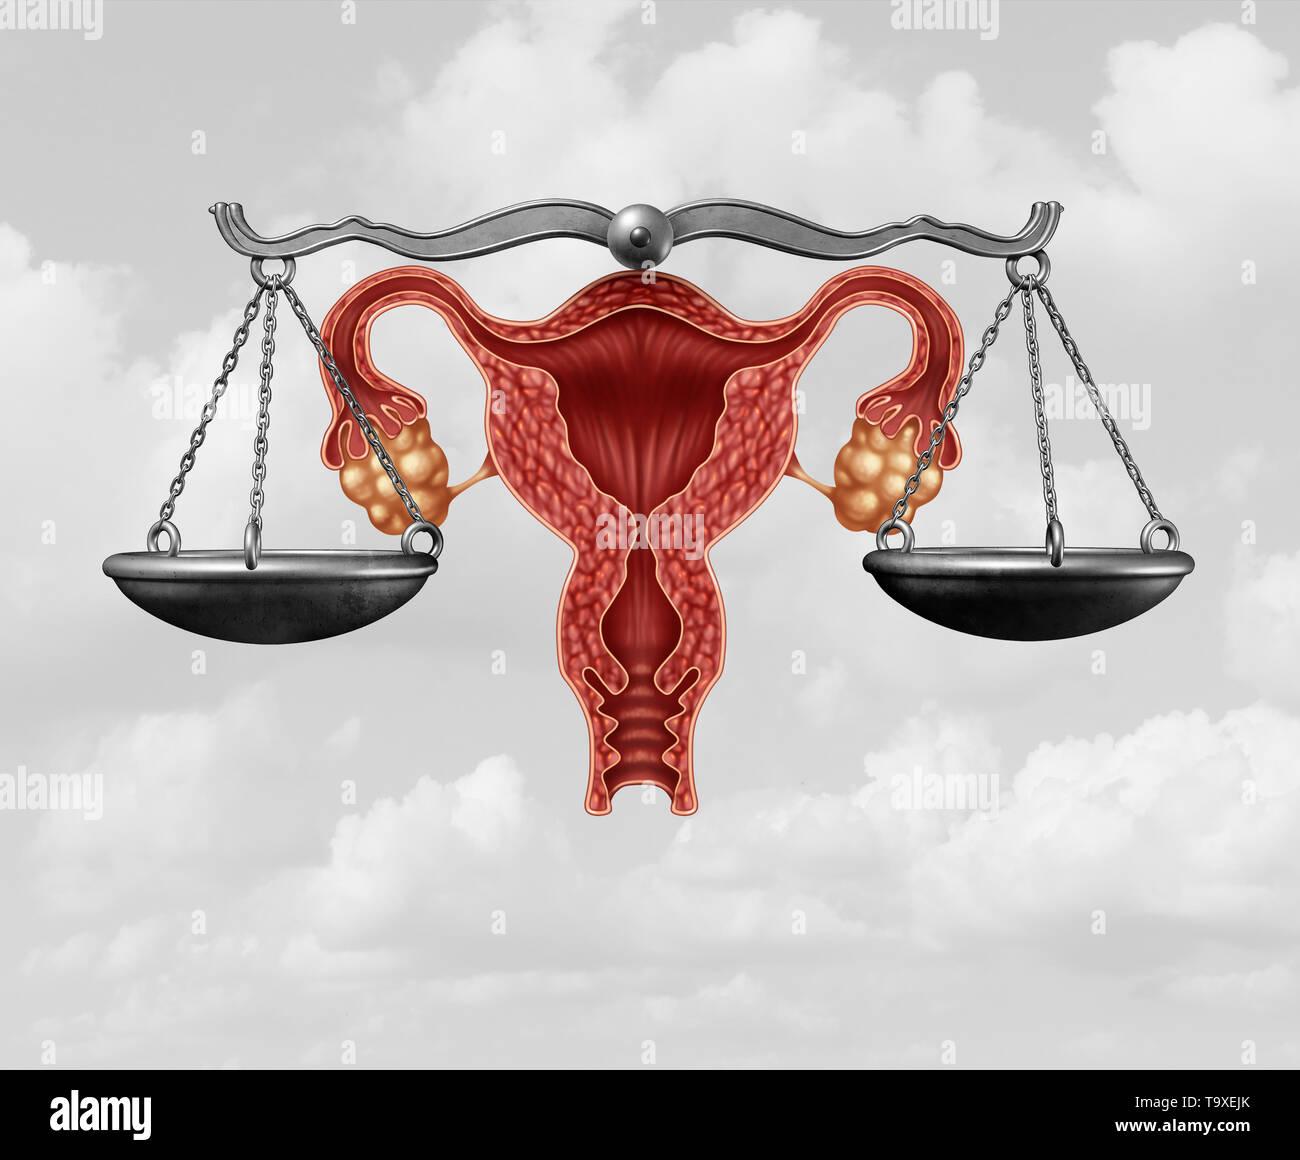 La legislación sobre el aborto y la justicia reproductiva como un concepto jurídico de la ley de derechos de reproducción por el gobierno para decidir las leyes relativas a la Pro Life. Foto de stock